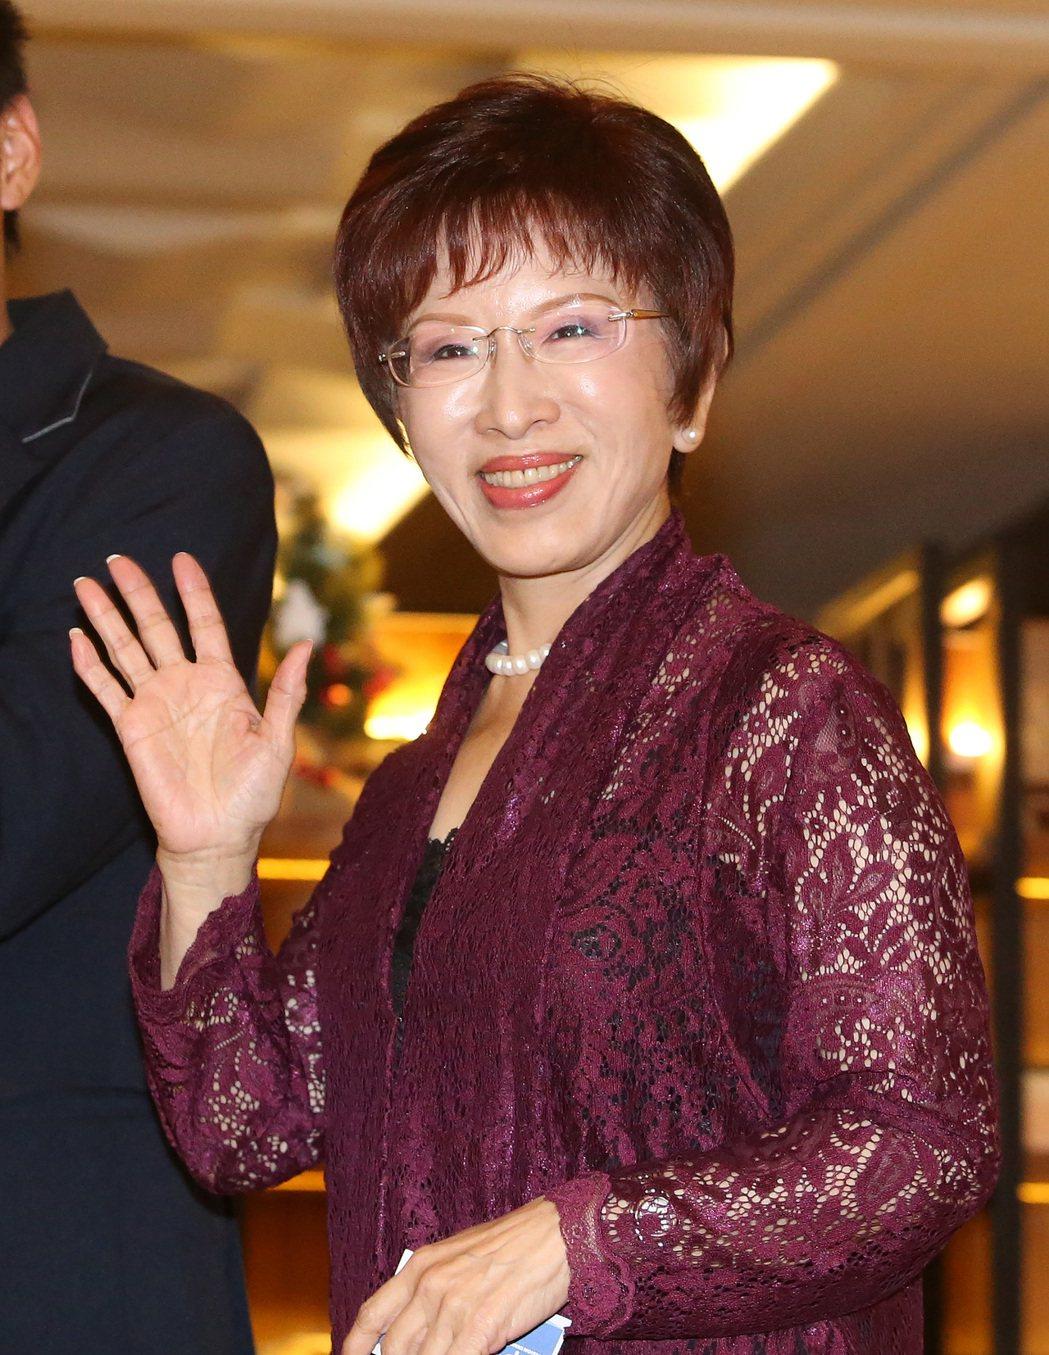 國民黨主席洪秀柱昨天出席感恩餐會,晚到一個小時上台致詞後,很快的先離開了。 記者...